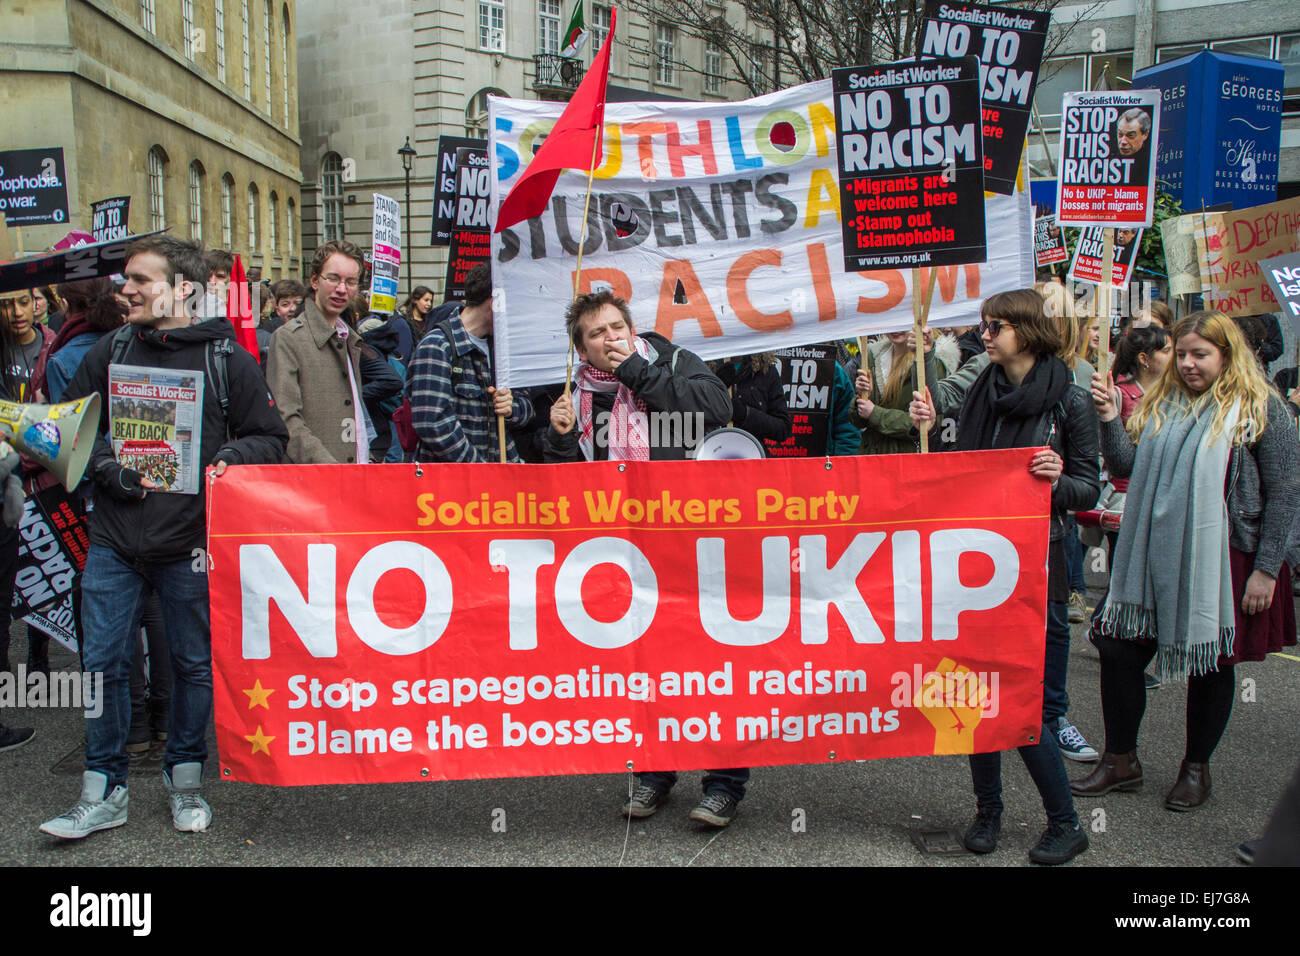 London UK, 21 mars 2015: Focus sur le stand jusqu'à le racisme et le fascisme de démonstration. Photo Stock